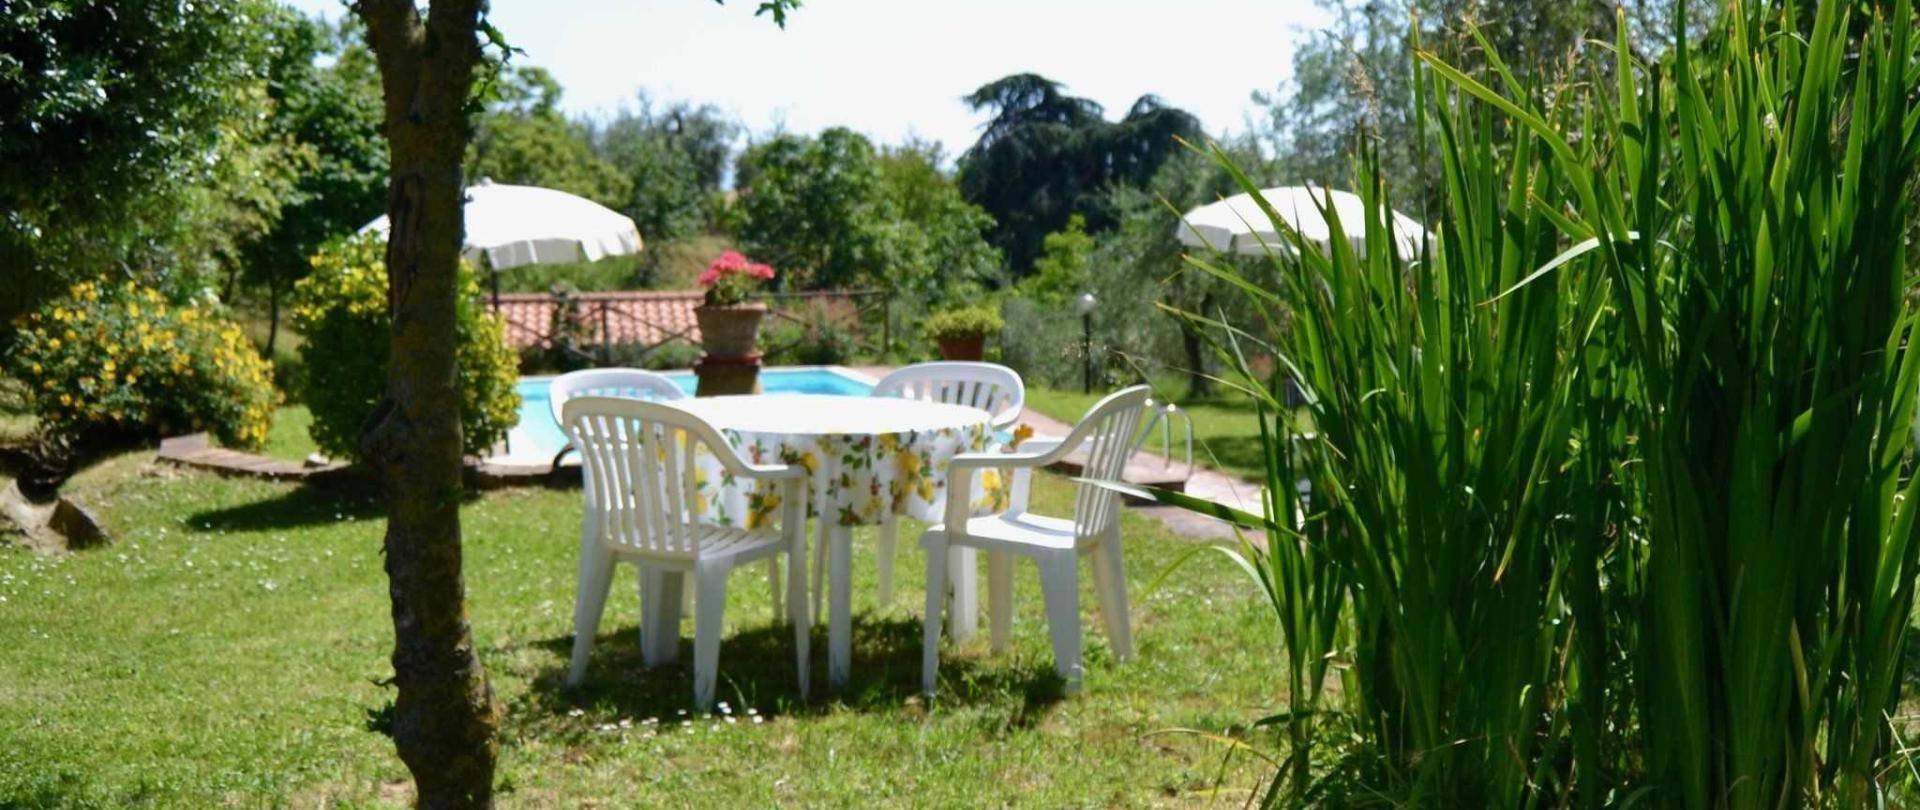 garden-table.jpg